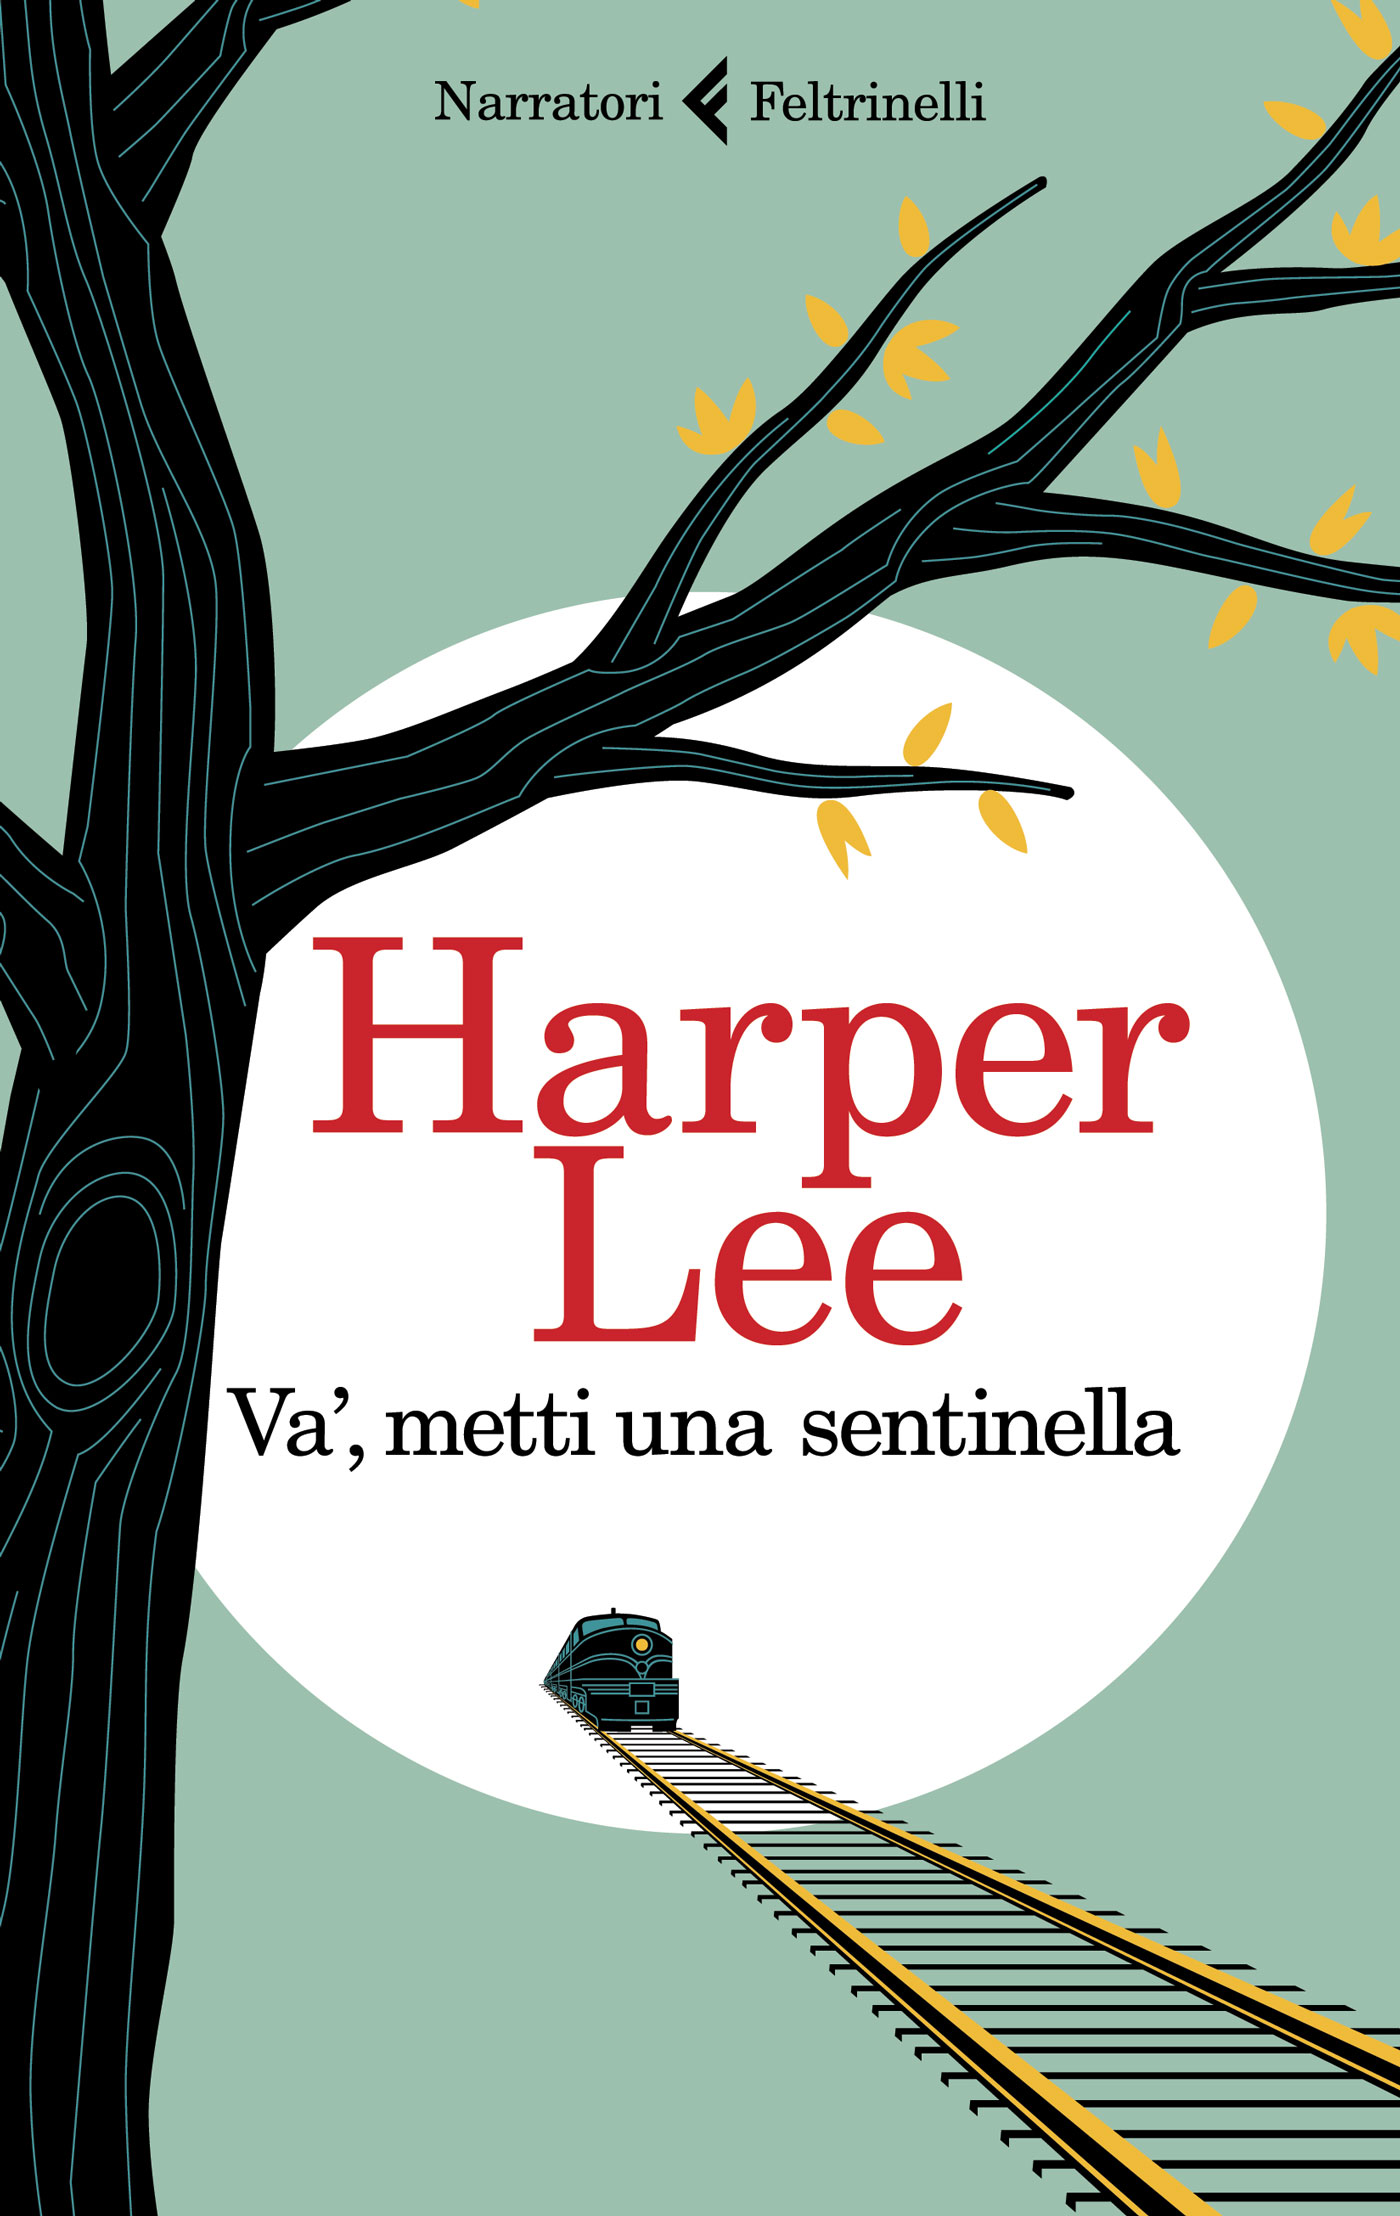 La copertina dell'edizione italiana che uscirà per Feltrinelli a novembre